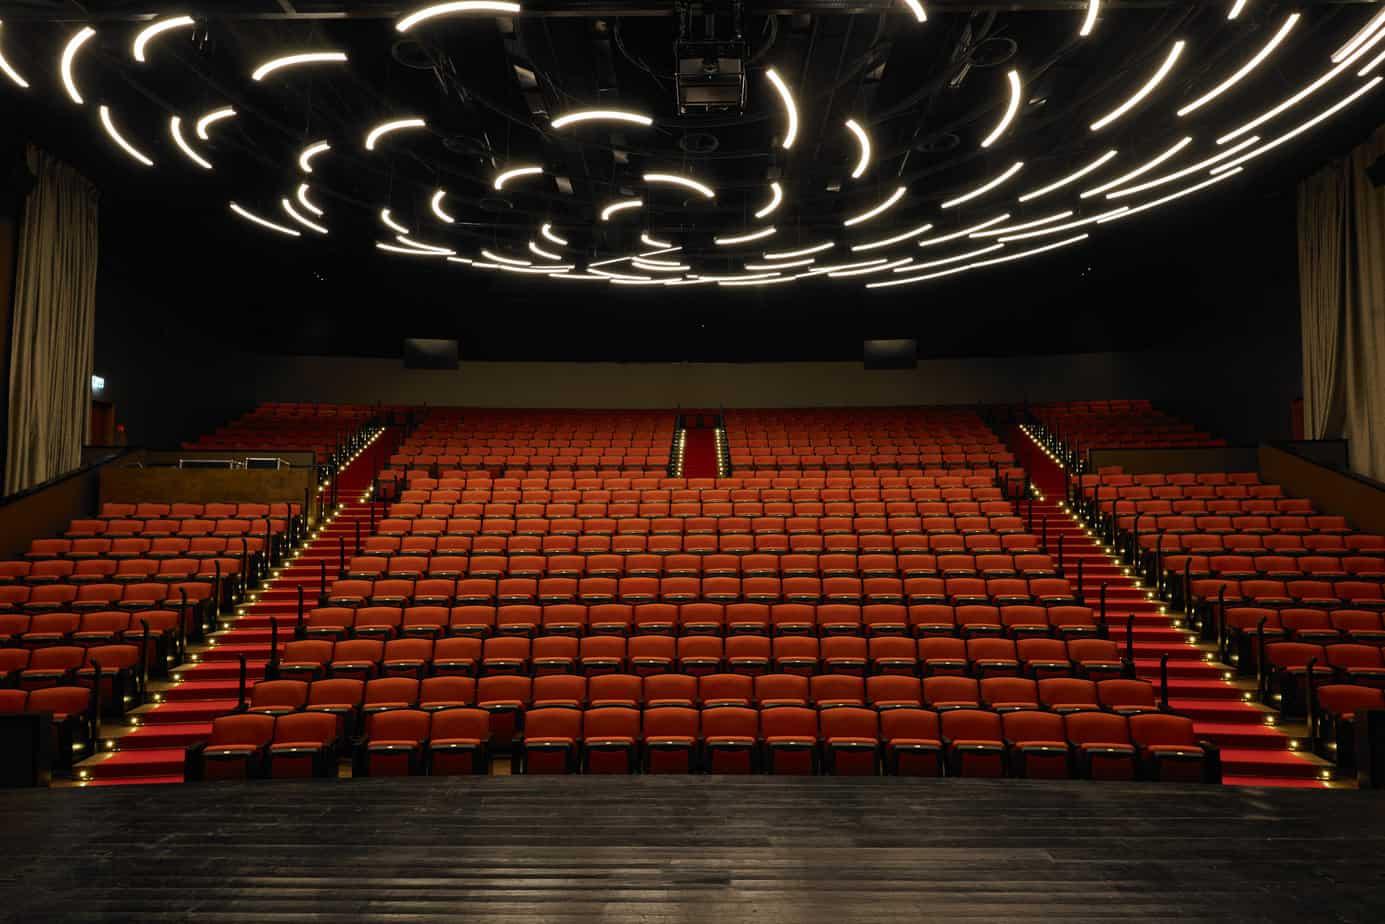 """אולם עוצב על ידע HQ אדריכלים, כיסא דגם ALLEGRO  , מתוצרת חברת IRWIN SEATIG ארה""""ב"""